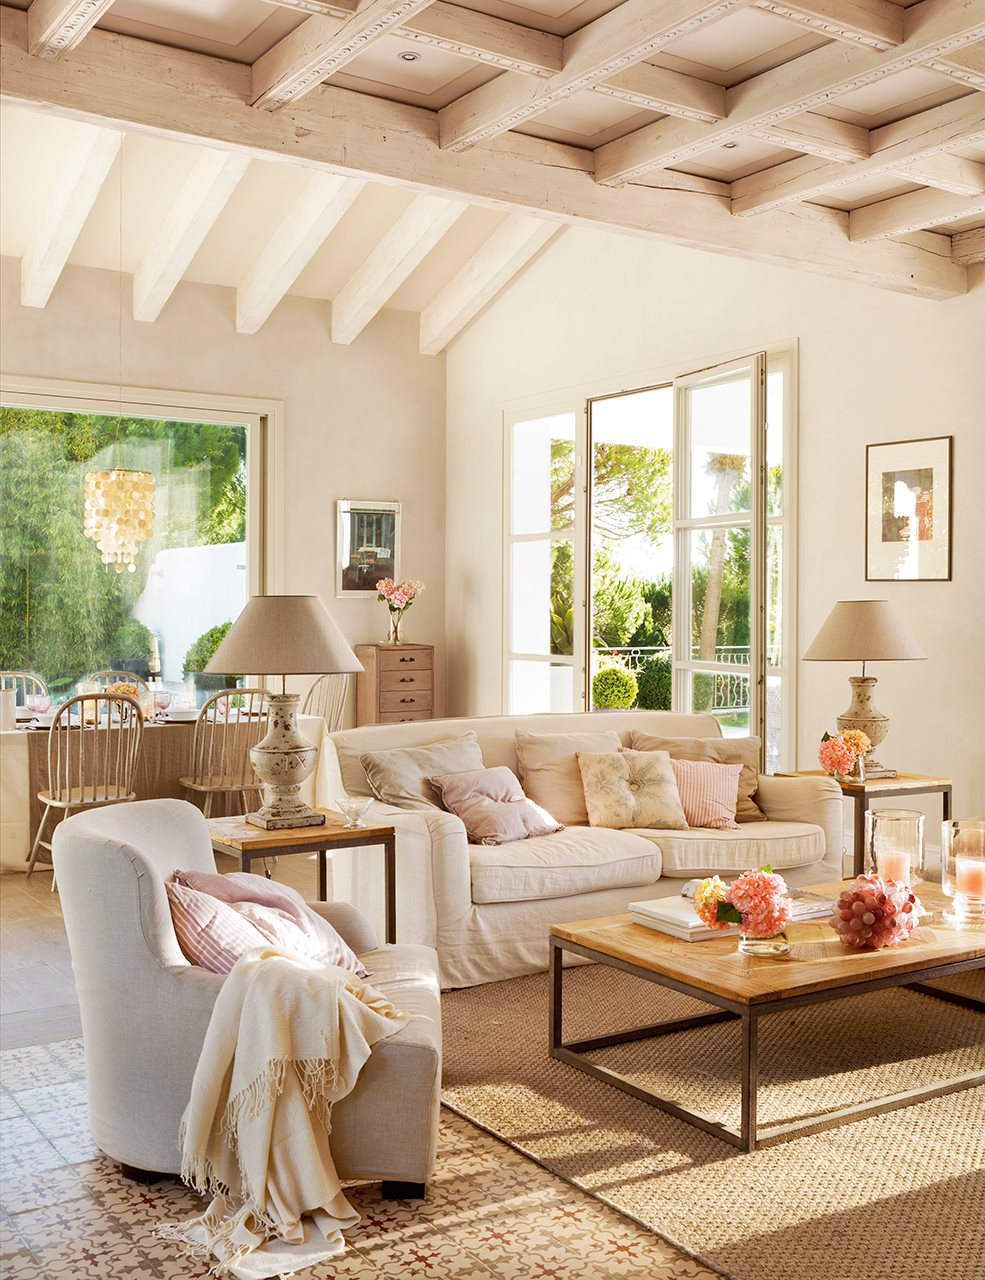 Casa Y Jardin Muebles Patio Pequeo With Casa Y Jardin Muebles  # Casa Nunez Muebles De Jardin